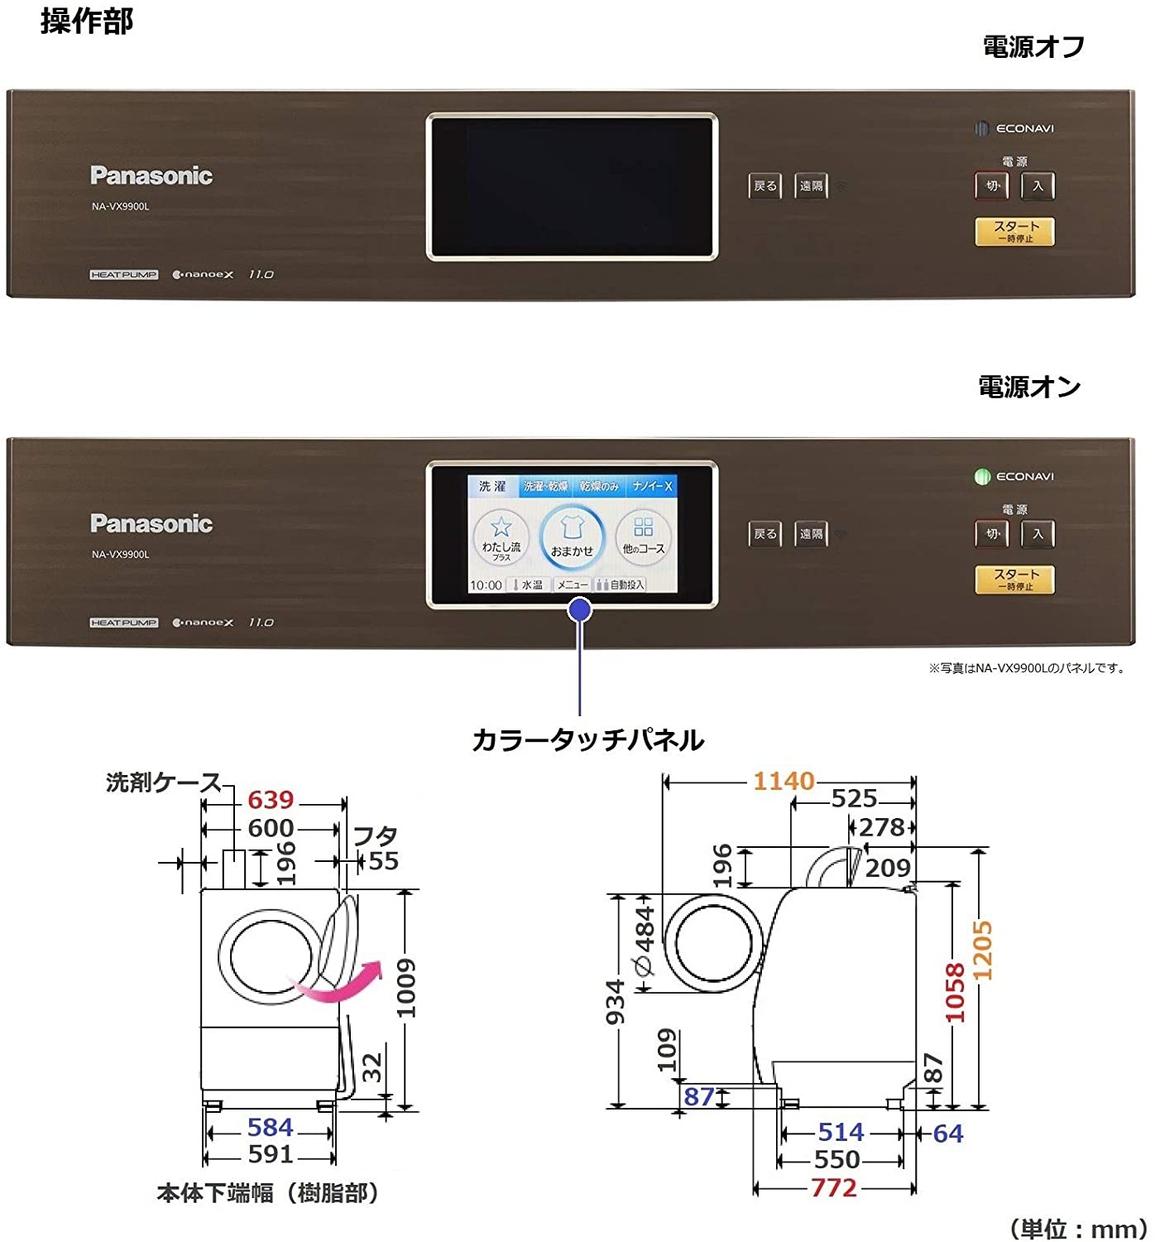 Panasonic(パナソニック) ななめドラム洗濯乾燥機 NA-VX9900の商品画像3